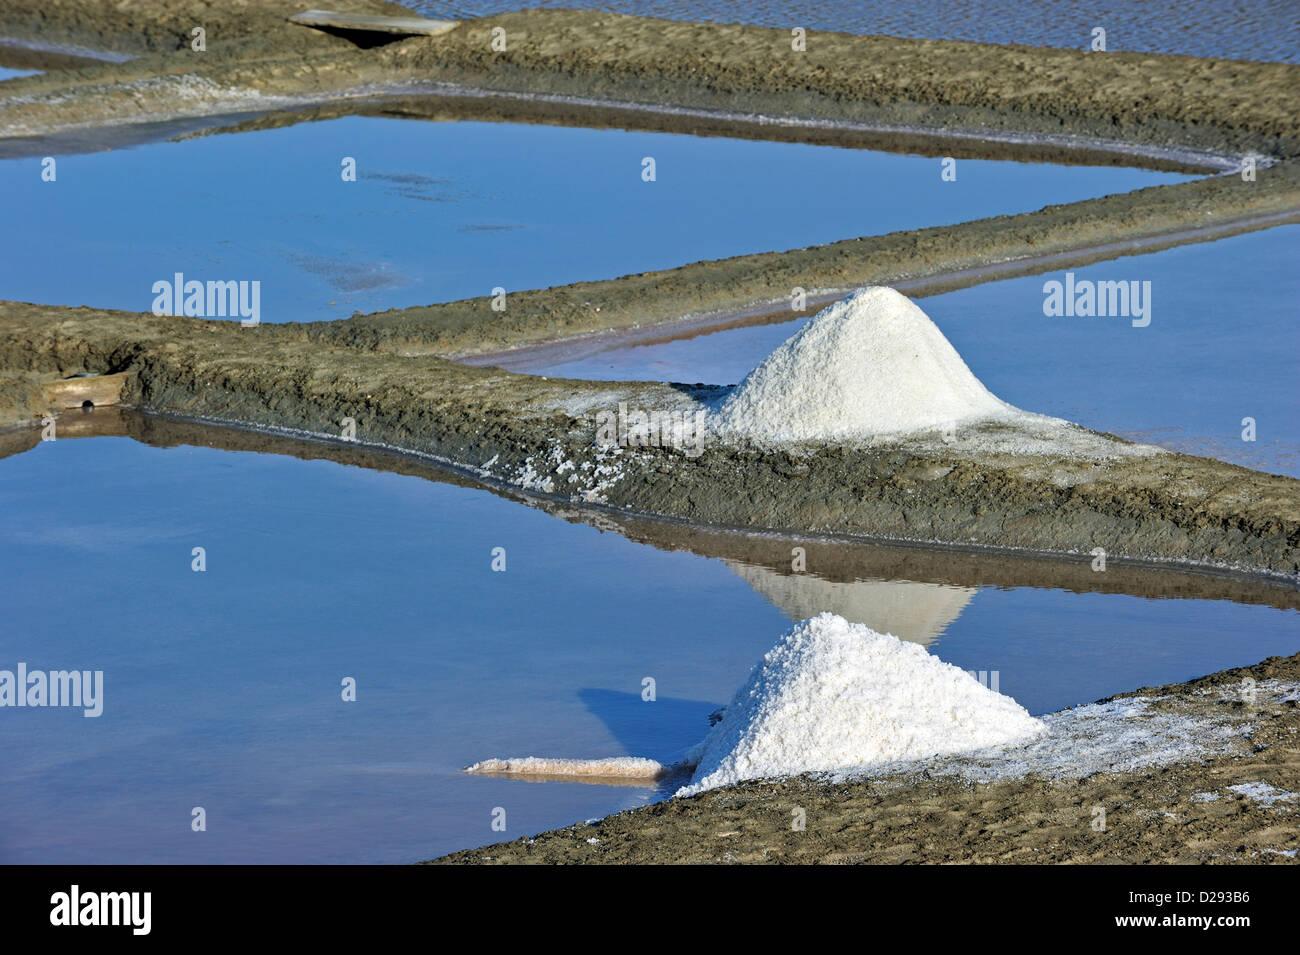 Pour la poduction pan sel Fleur de sel / Sel de mer sur l'île Ile de Ré, Charente-Maritime, France Photo Stock